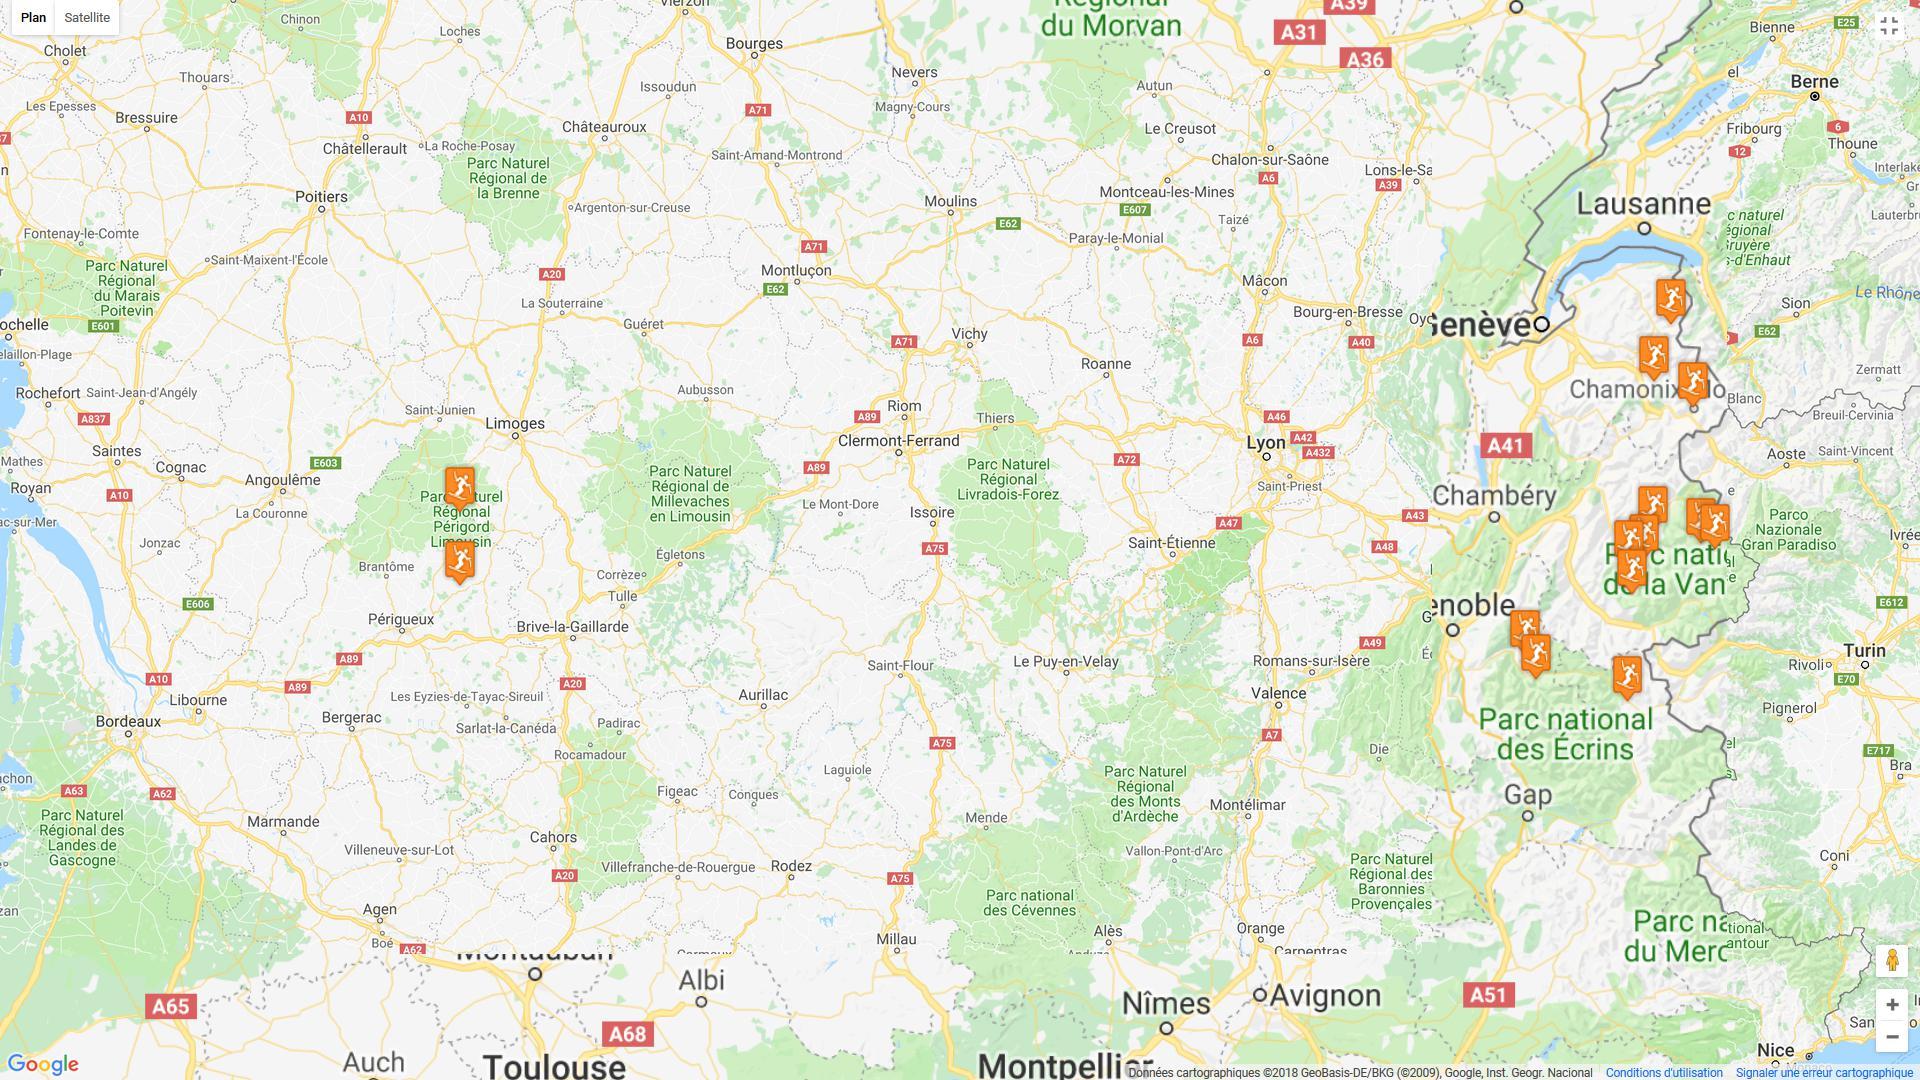 Carte des stations de ski les plus fréquentées en France